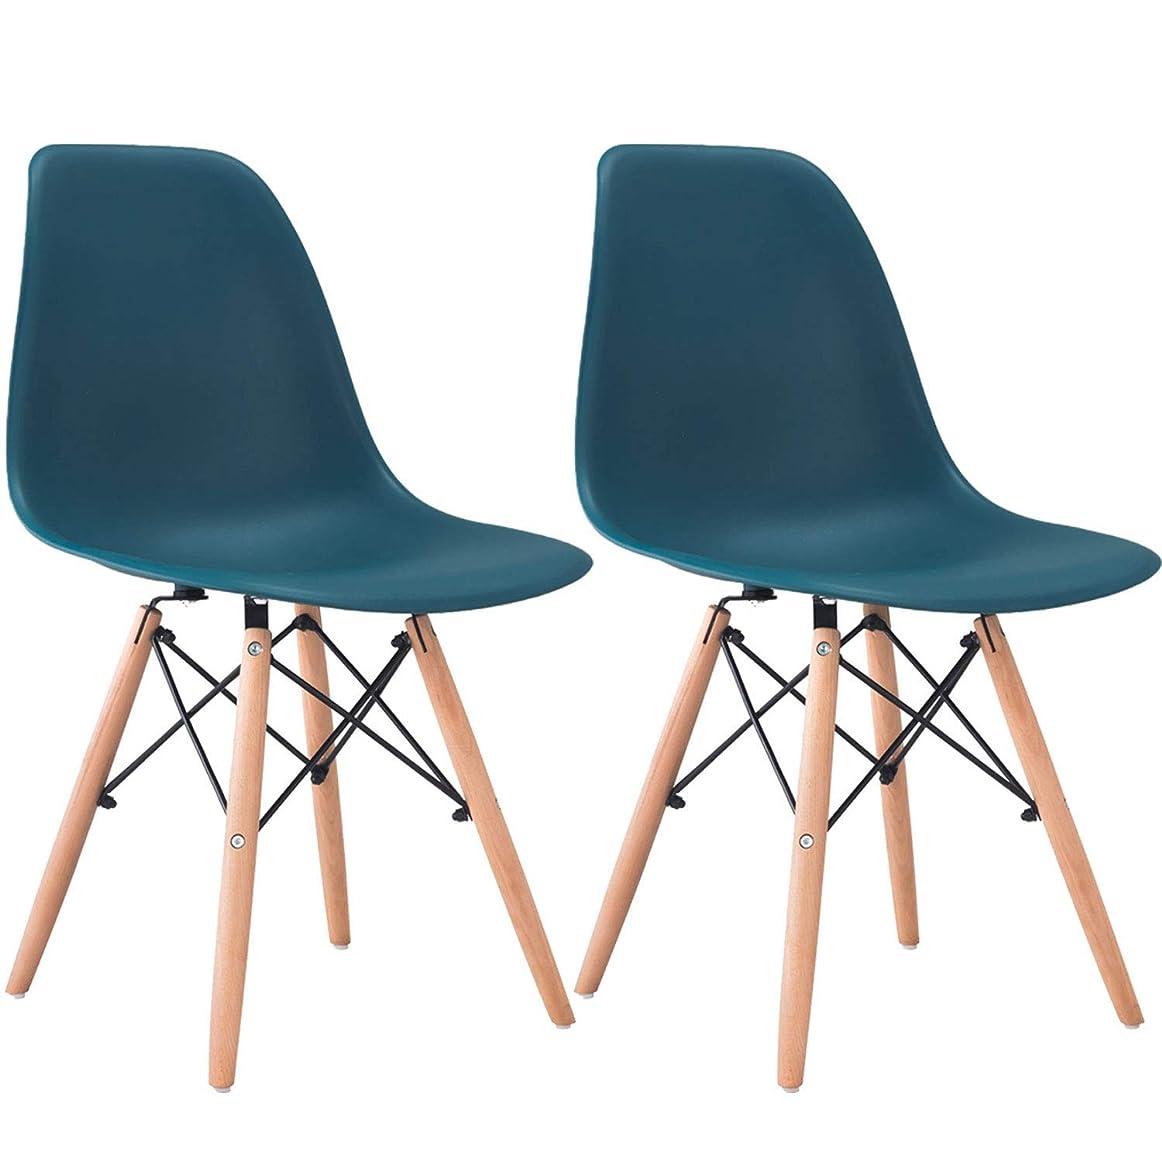 分岐する案件見る人椅子 イームズシェルチェアリプロダクト ダイニングチェアレストラン、リビング、キッチン、宴会、オフィス使用など (2脚セット) (ダークブルー) [並行輸入品]